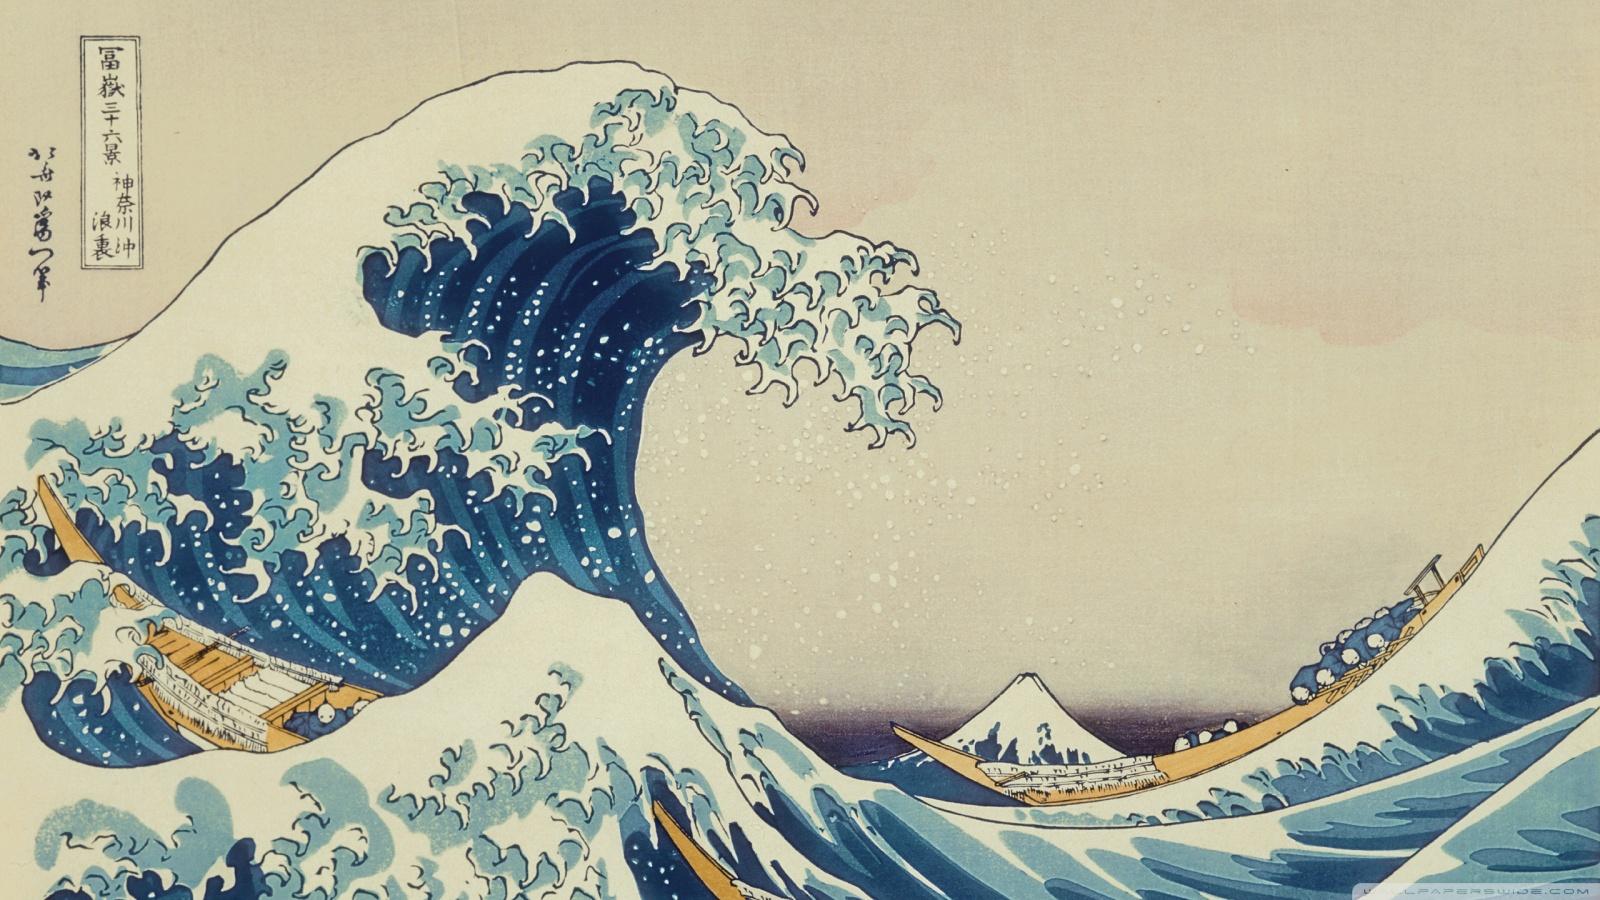 Ipad Animated Wallpaper Waves In Sea 4k Hd Desktop Wallpaper For 4k Ultra Hd Tv